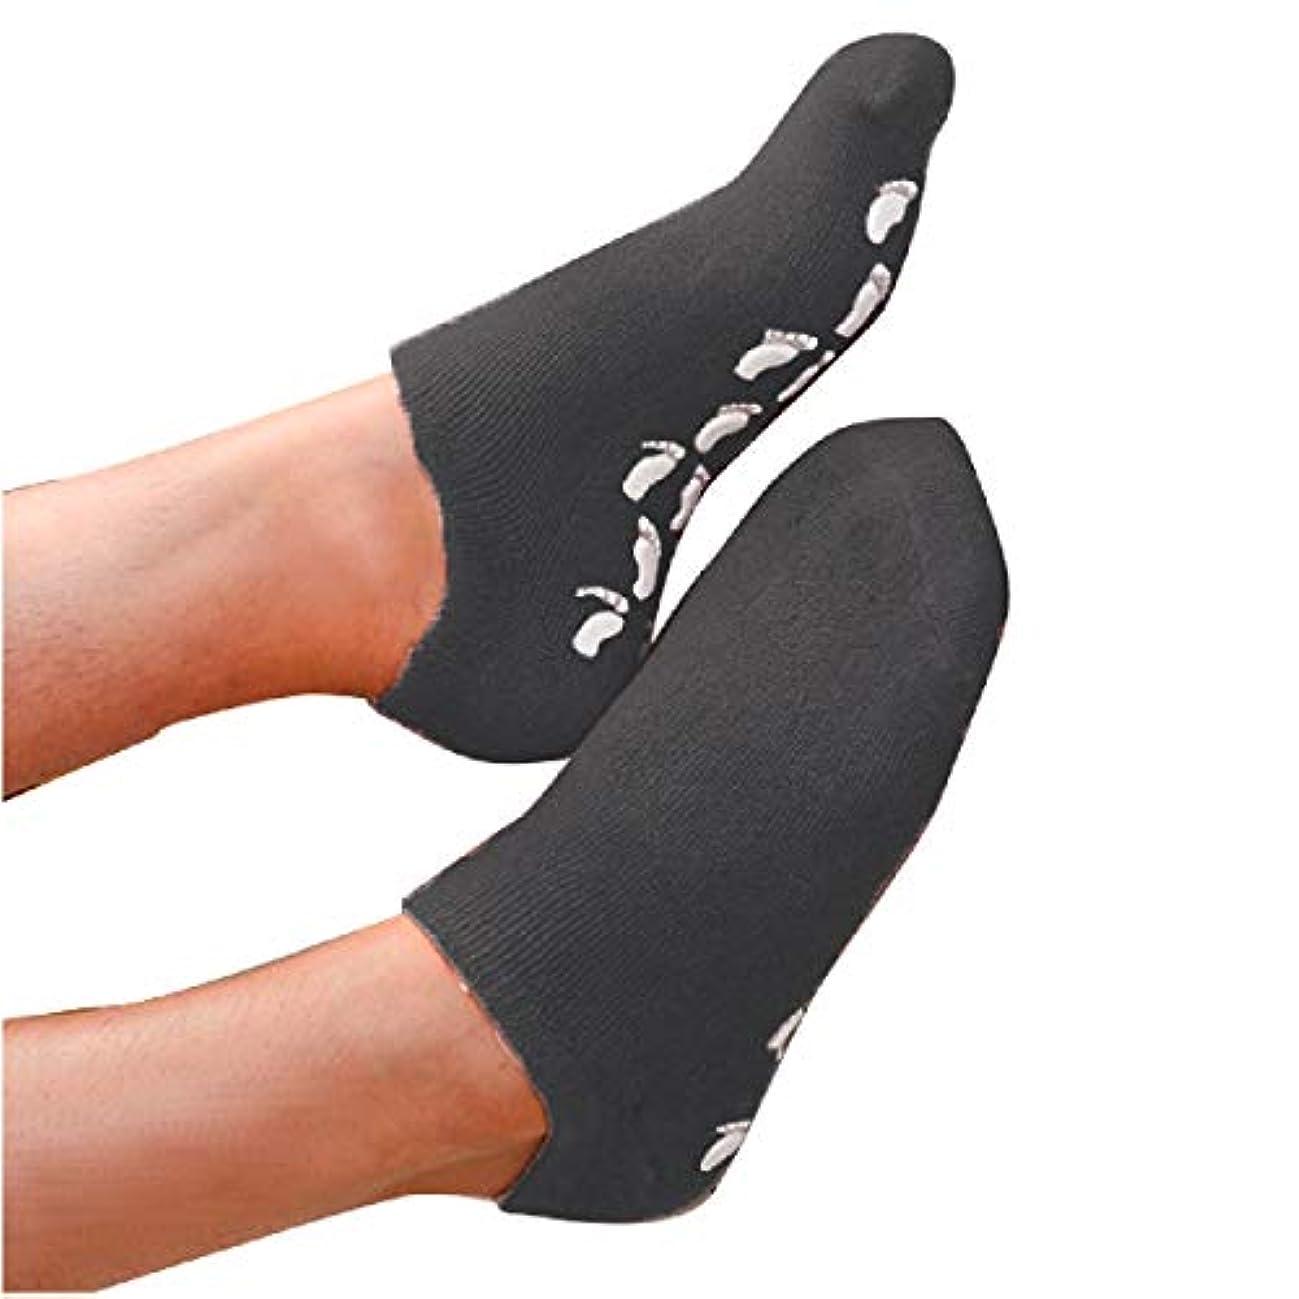 ラフ静かな胃S&E かかと 靴下 保湿 ソックス 美容成分 潤い ゲル付き 滑り止め 足裏 足の甲 ホホバオイル グレープシード ビタミンE ラベンダー ローズ (ブラック)